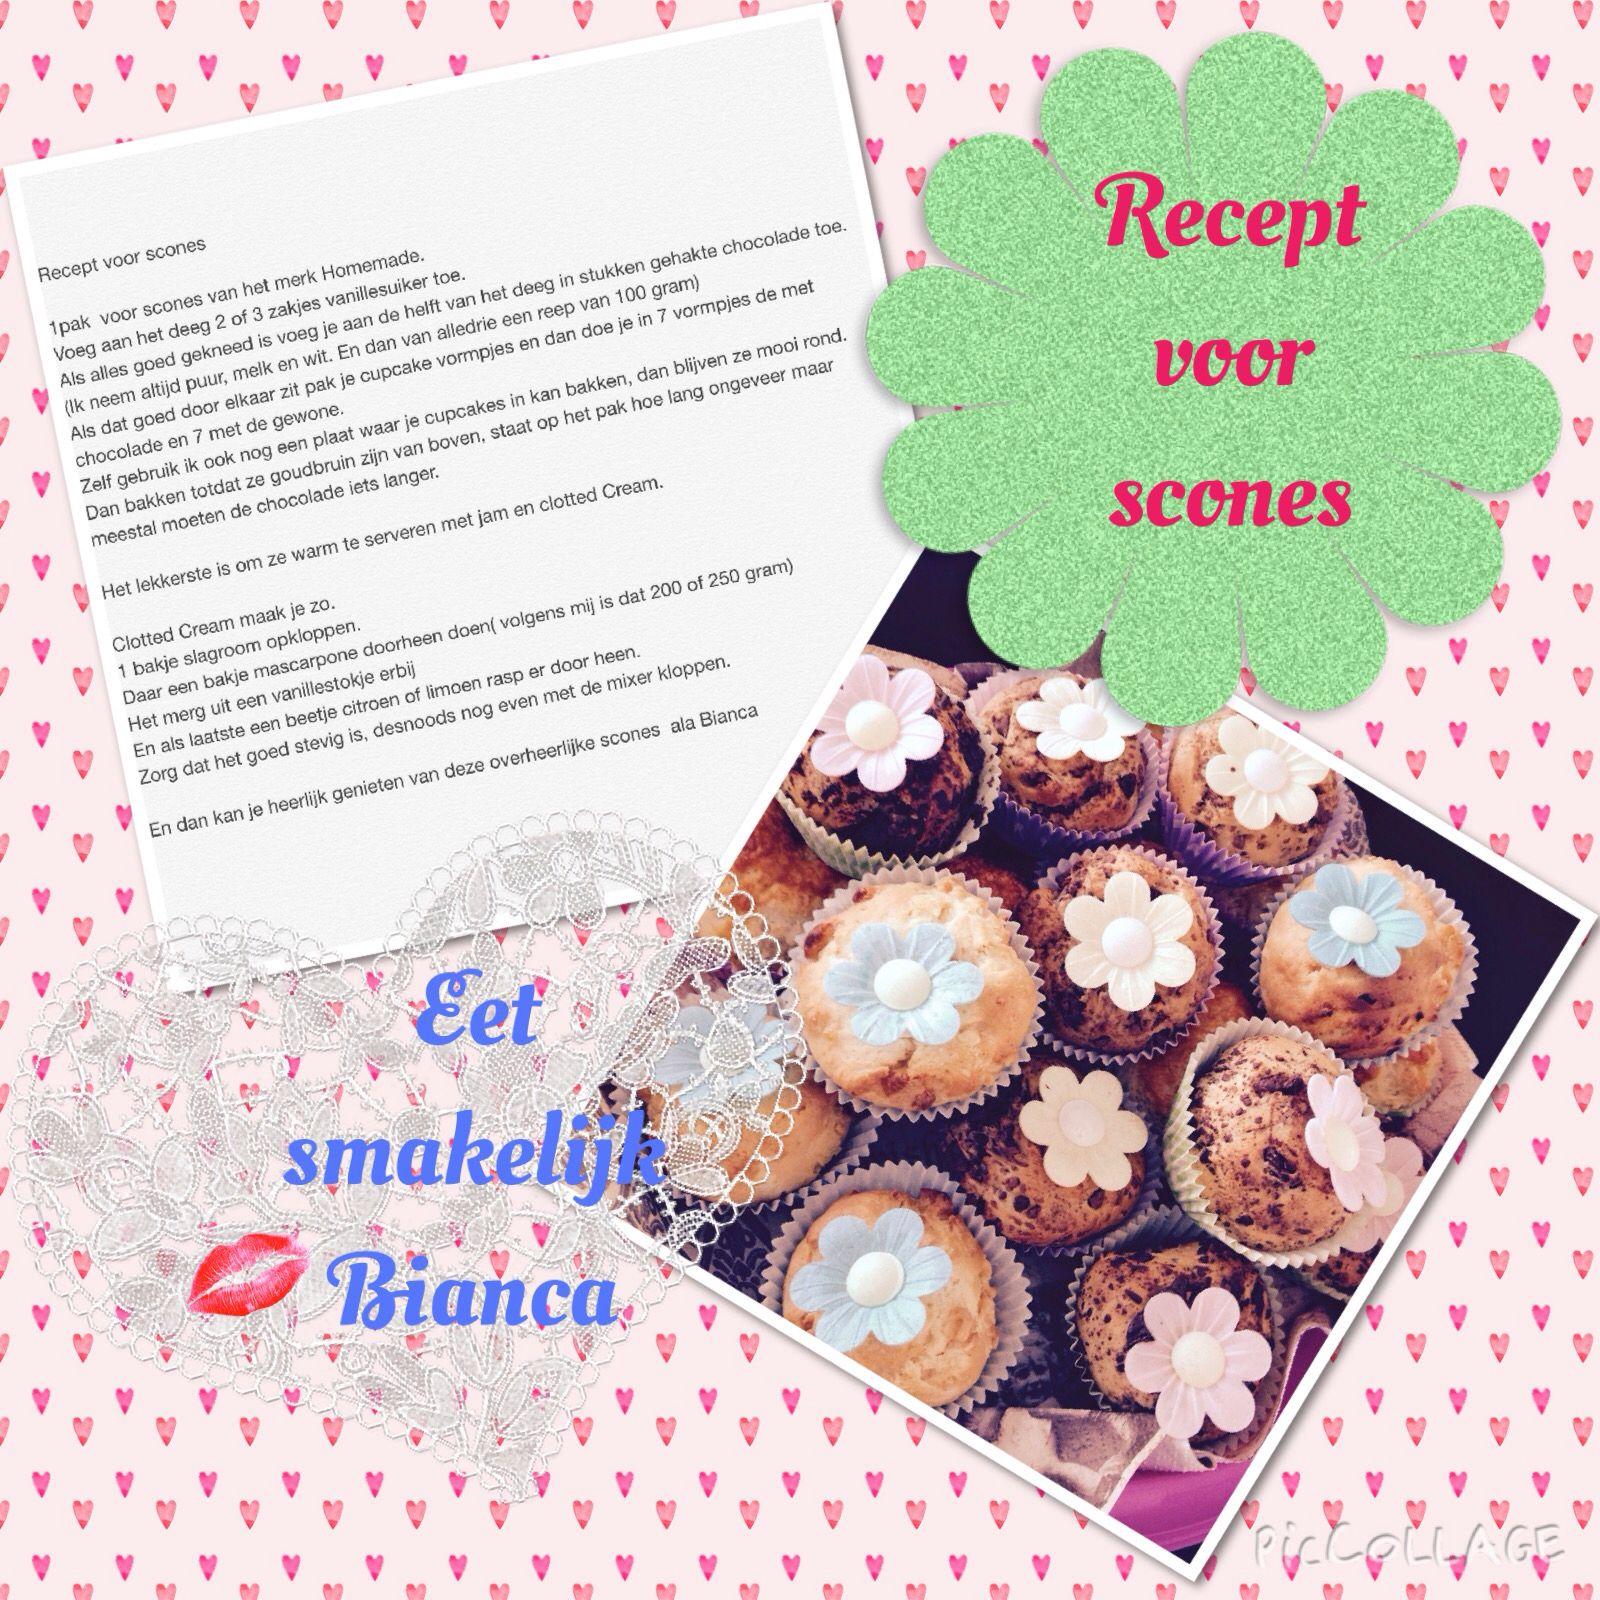 Recept voor scones